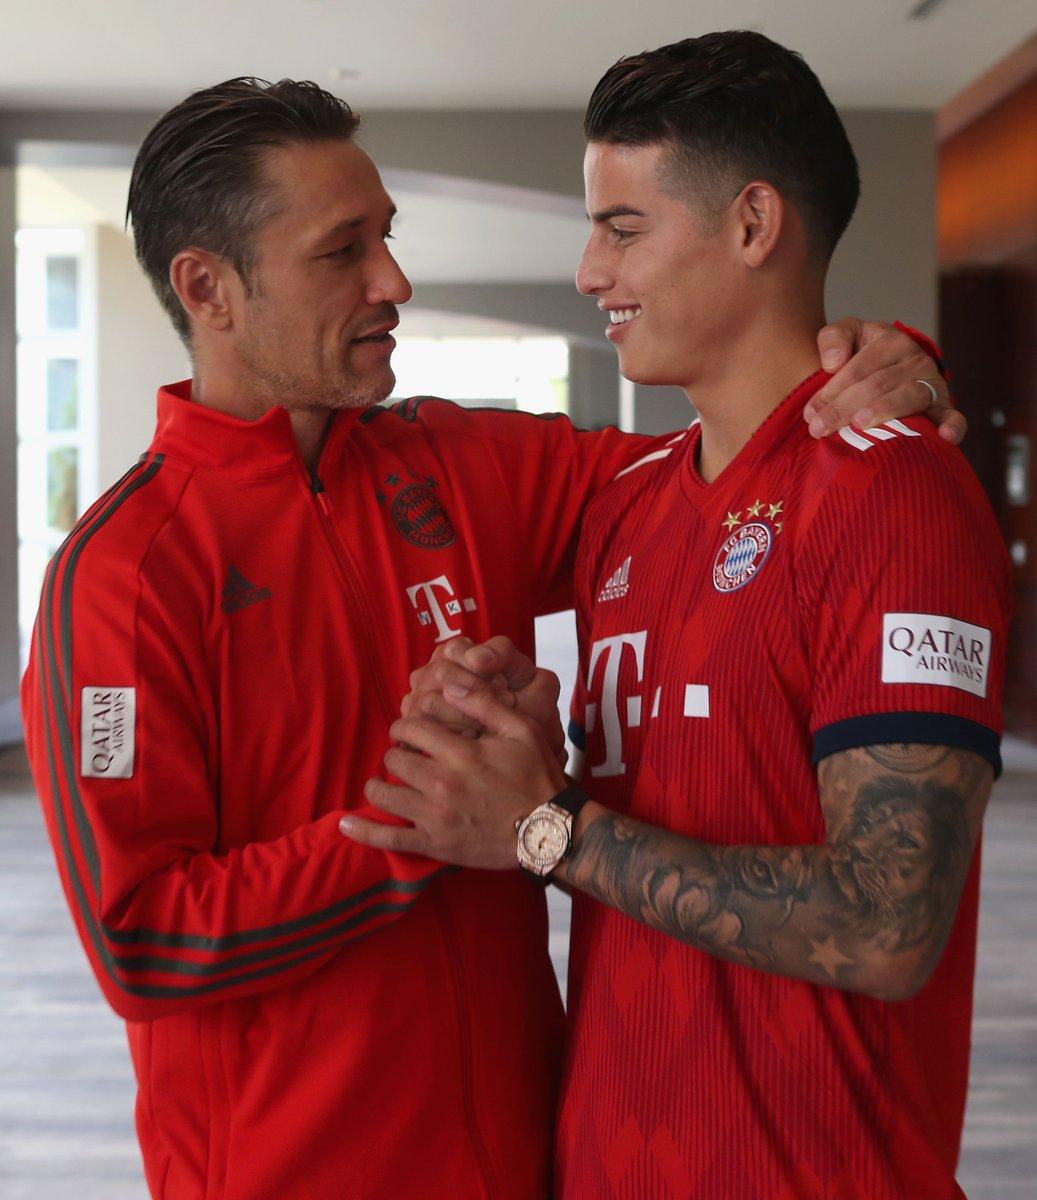 Niko #Kovac über @jamesdrodriguez: 'Er macht das sehr gut, ist immer anspielbar und findet immer eine Lösung. Er stellt sich in den Dienst der Mannschaft. Er hat einen hohen Status, nicht nur hier in München, sondern auch weltweit.' 🙌  #FCBayern #MiaSanMia